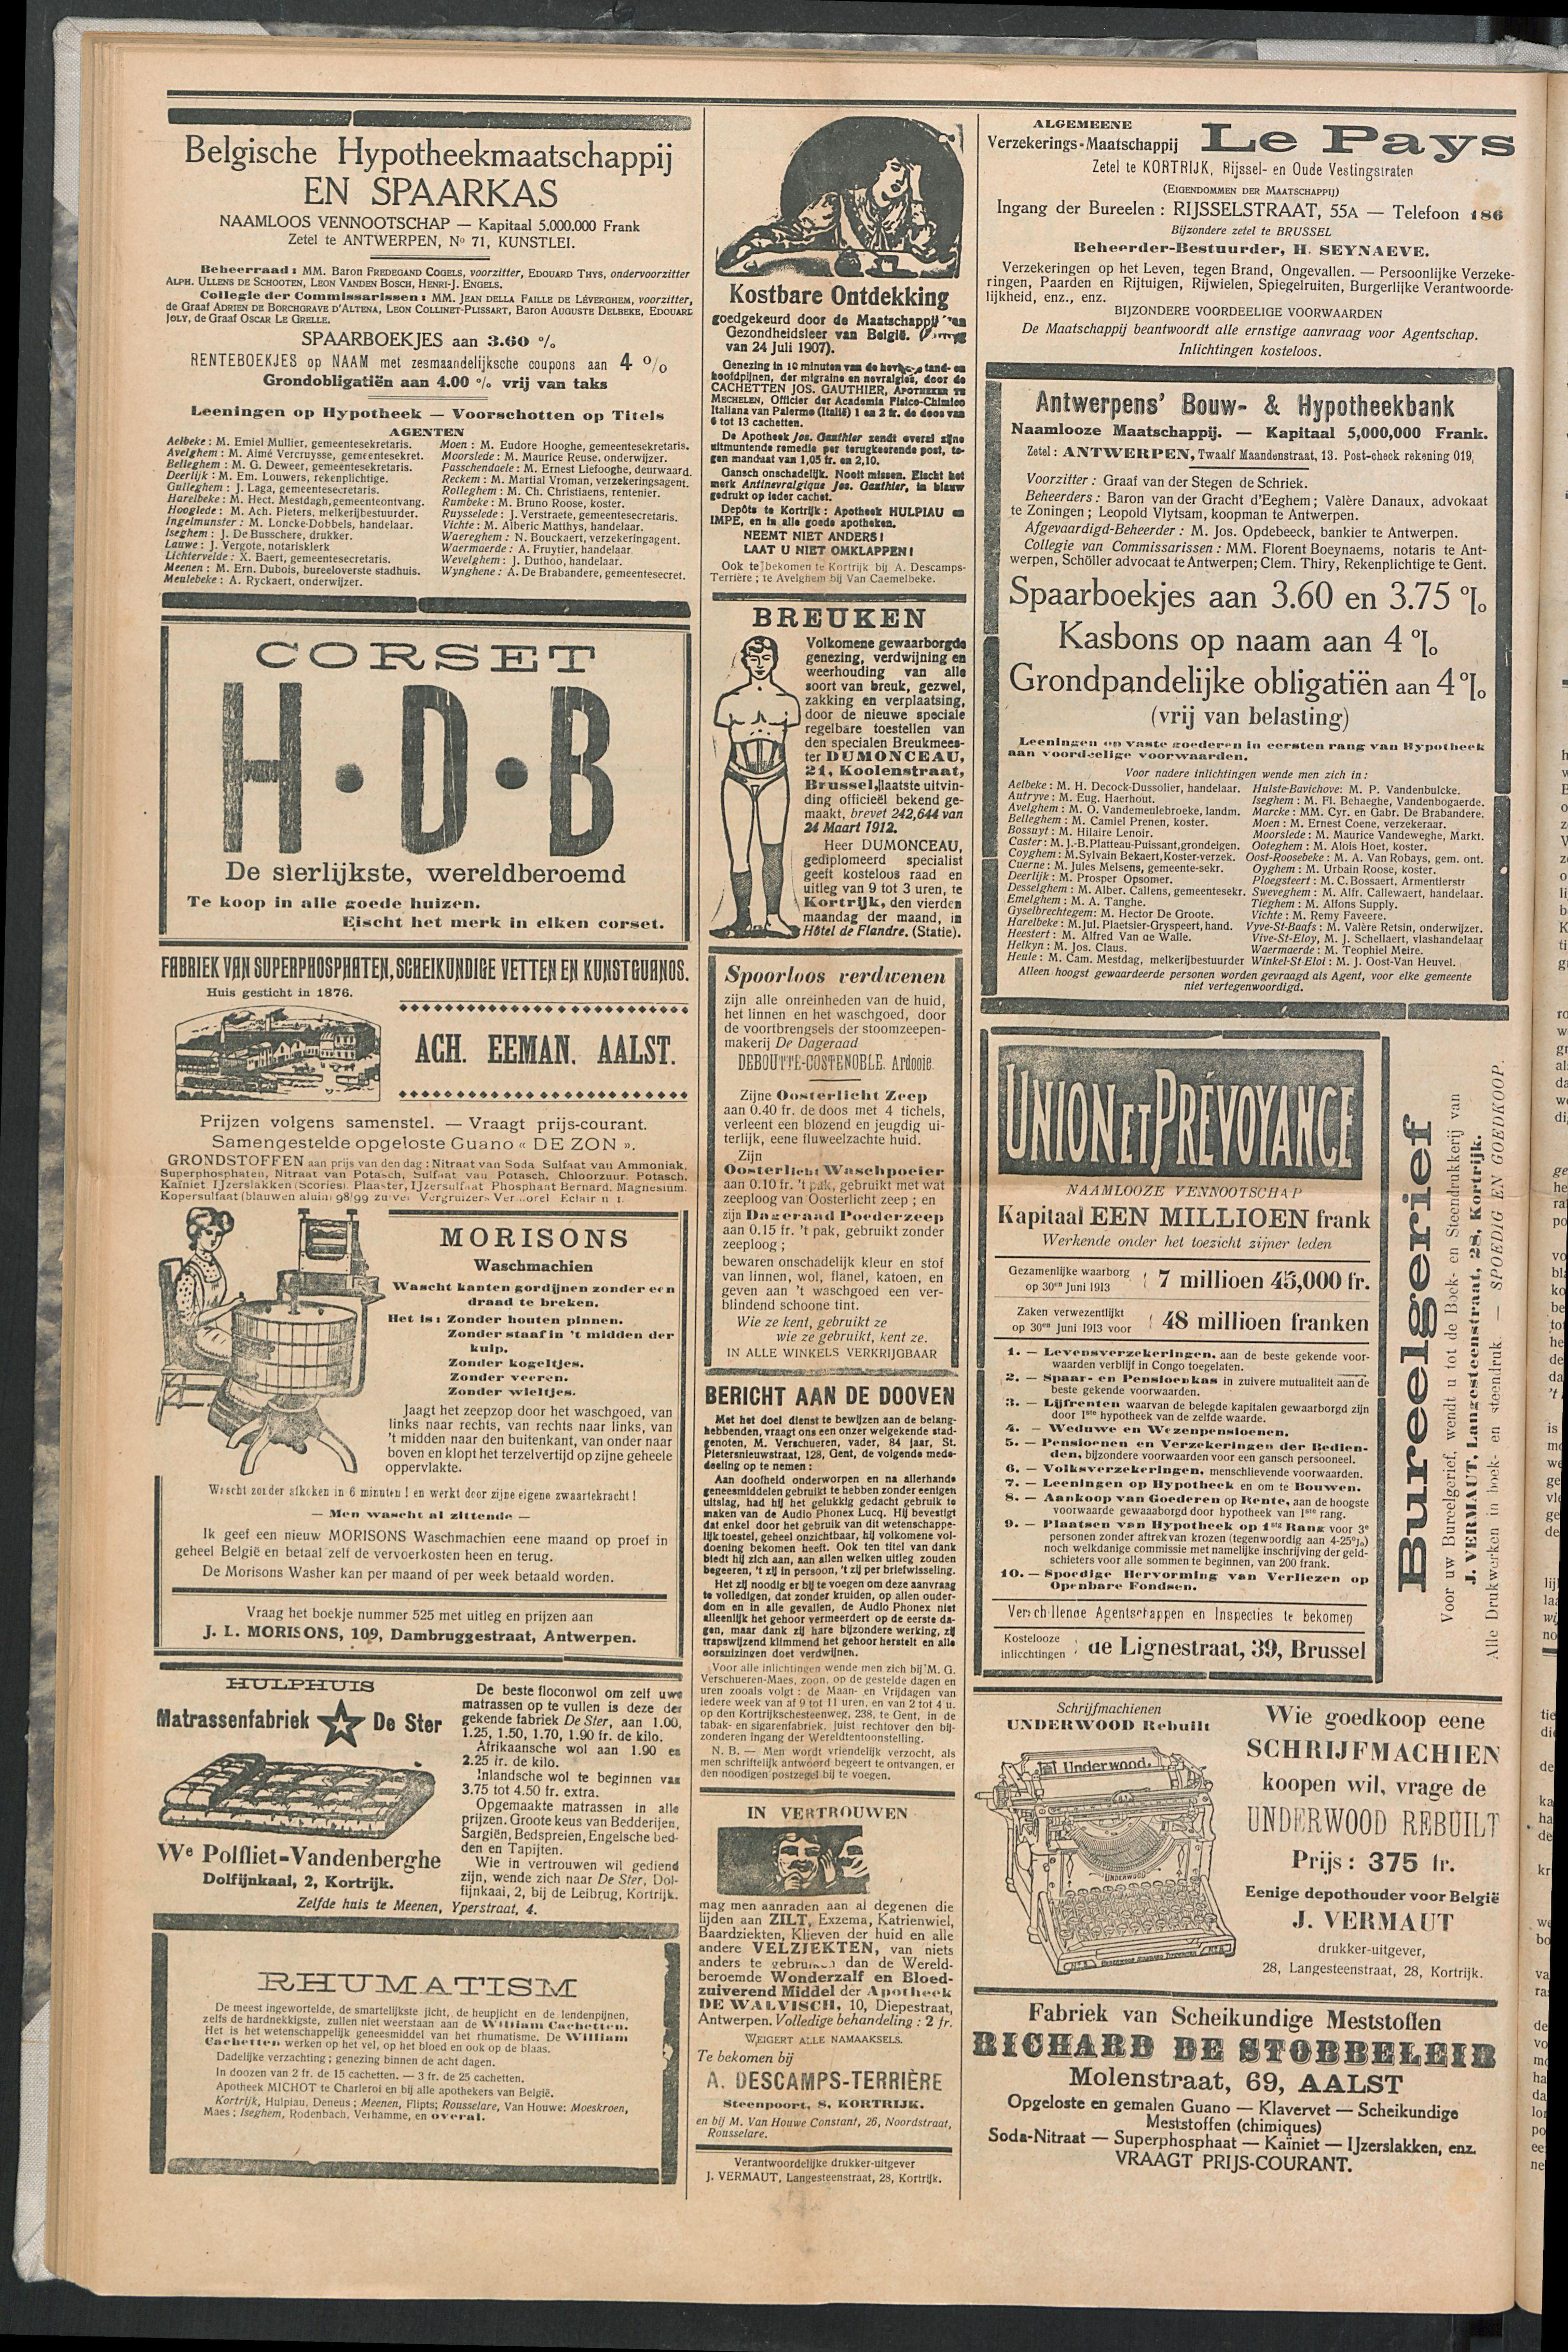 Het Kortrijksche Volk 1914-06-07 p8